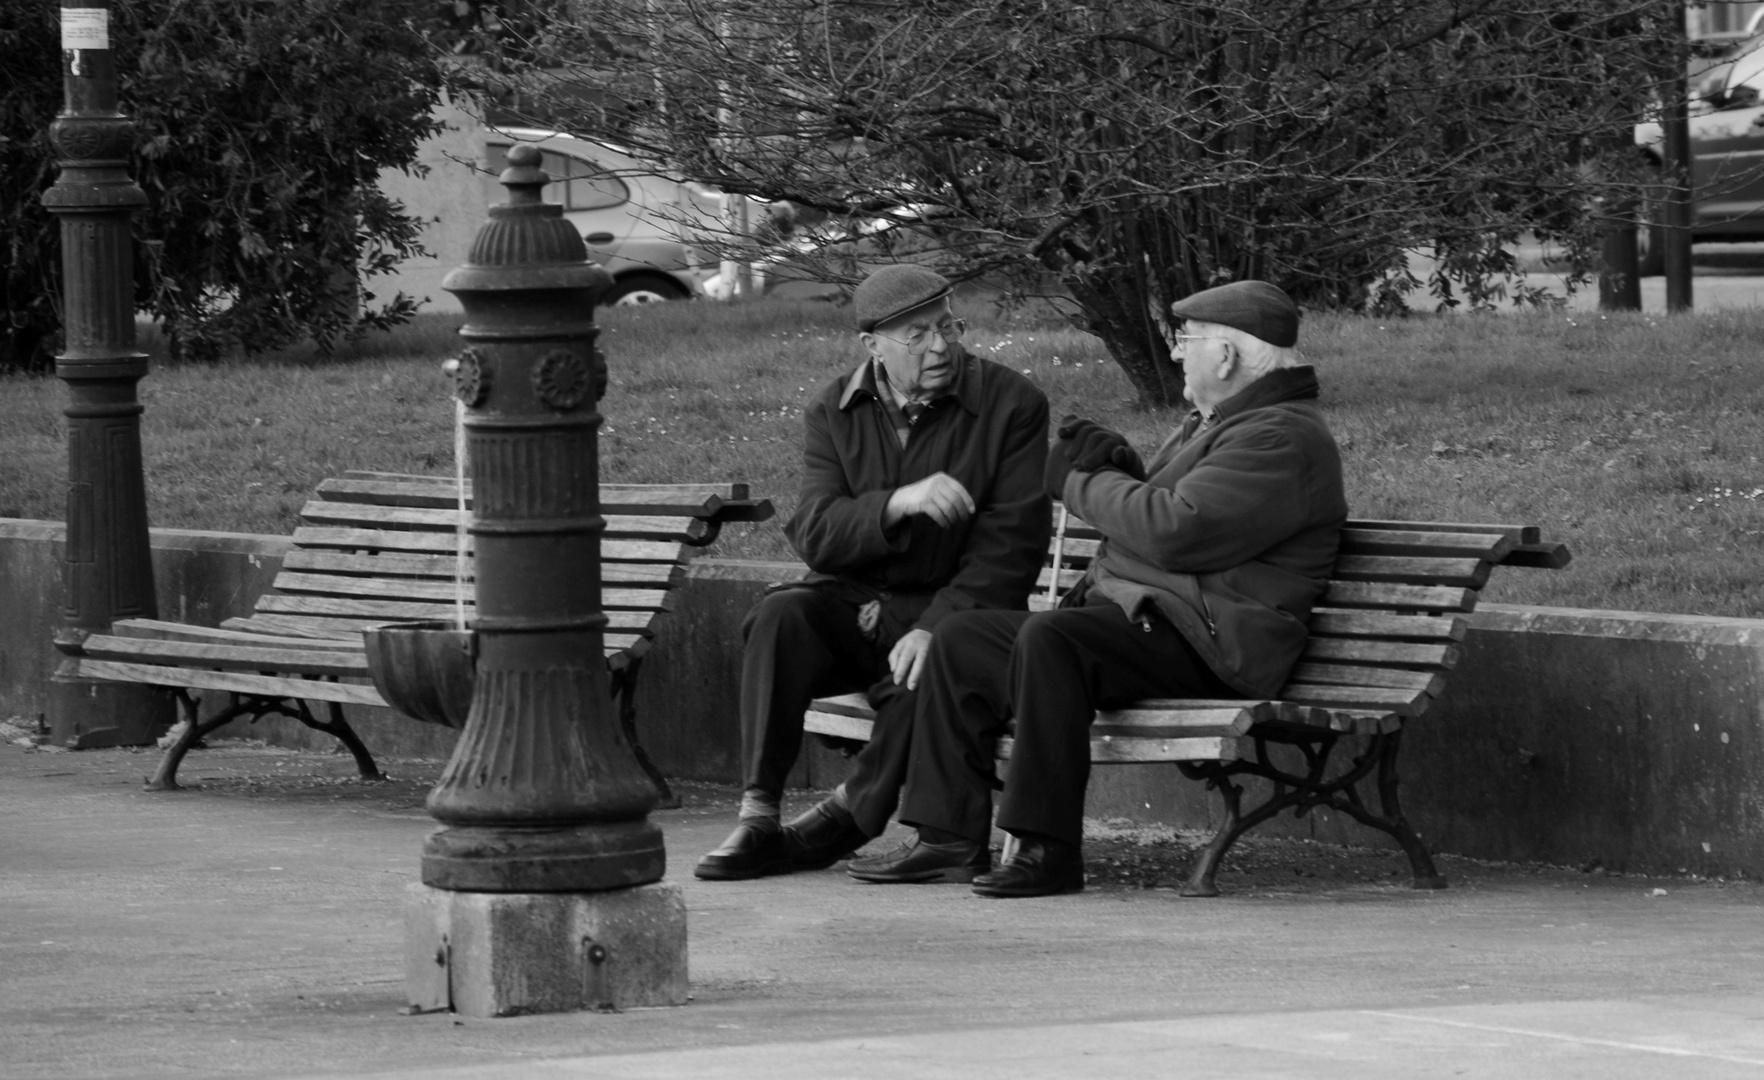 la pareja en el parque